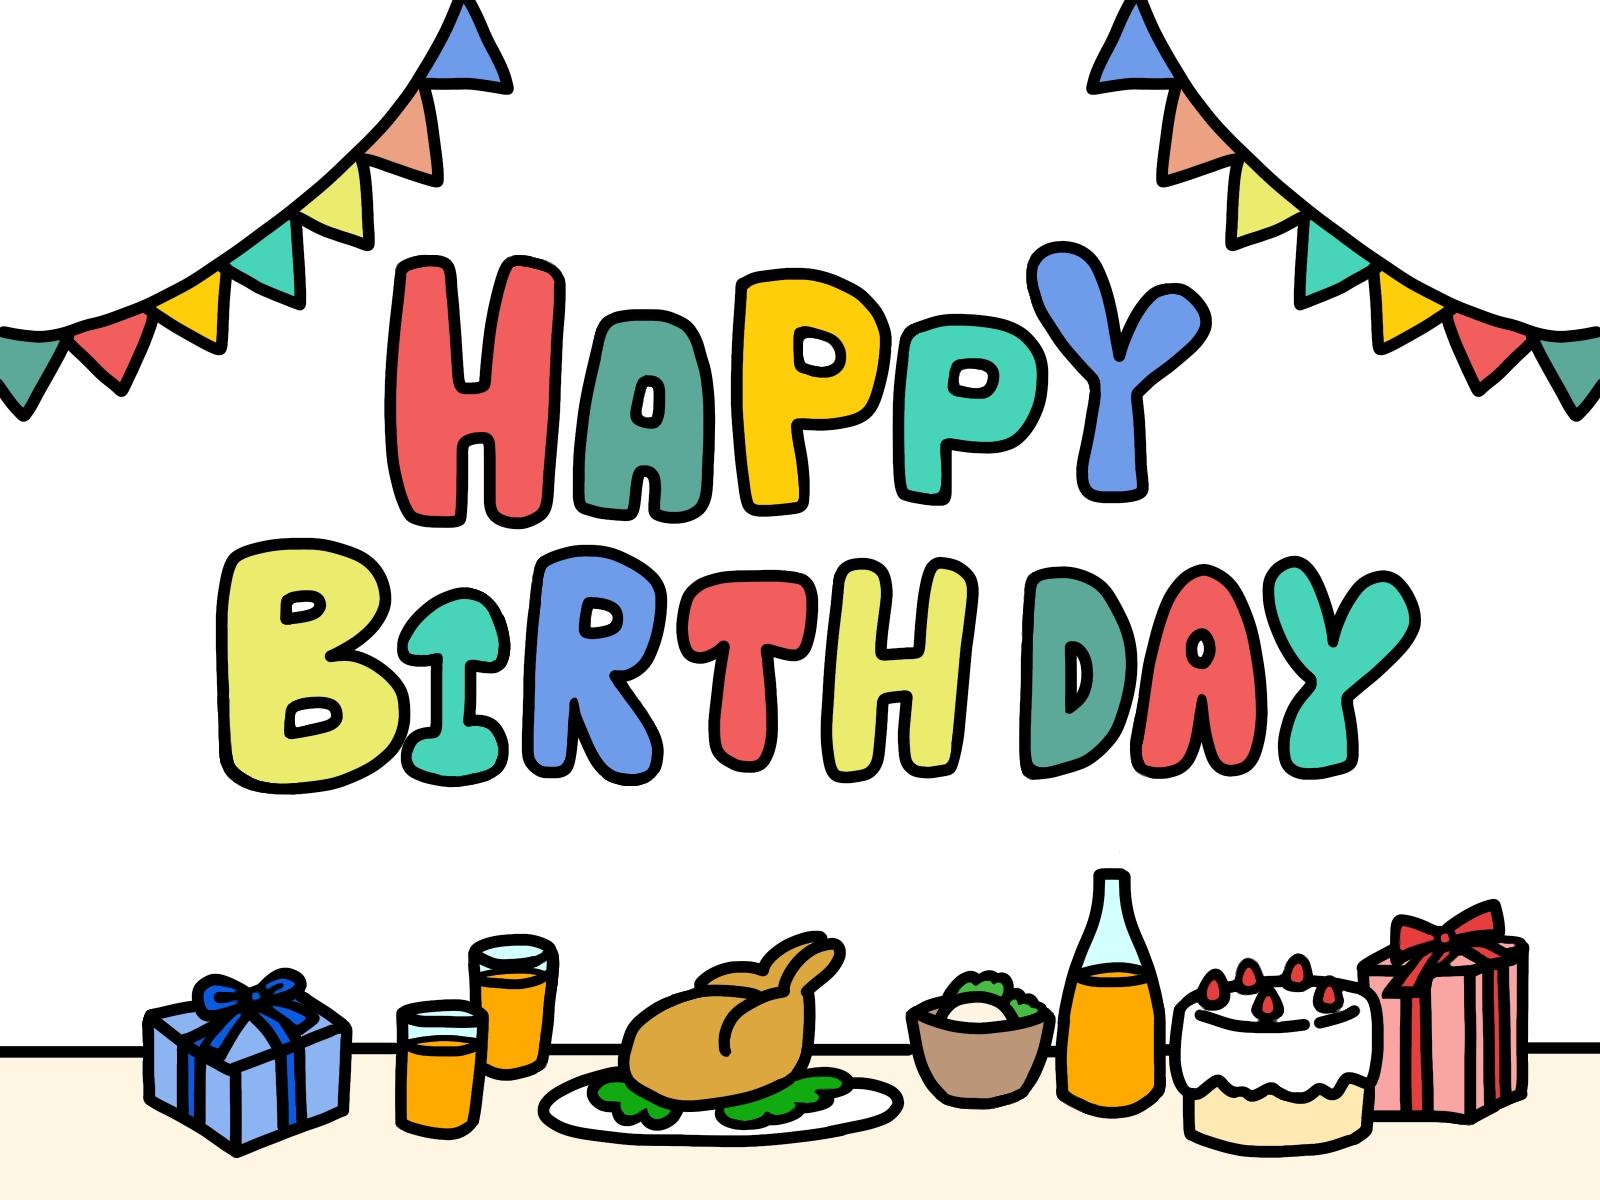 韓国語で誕生日おめでとう!お祝いの言葉と返事の仕方